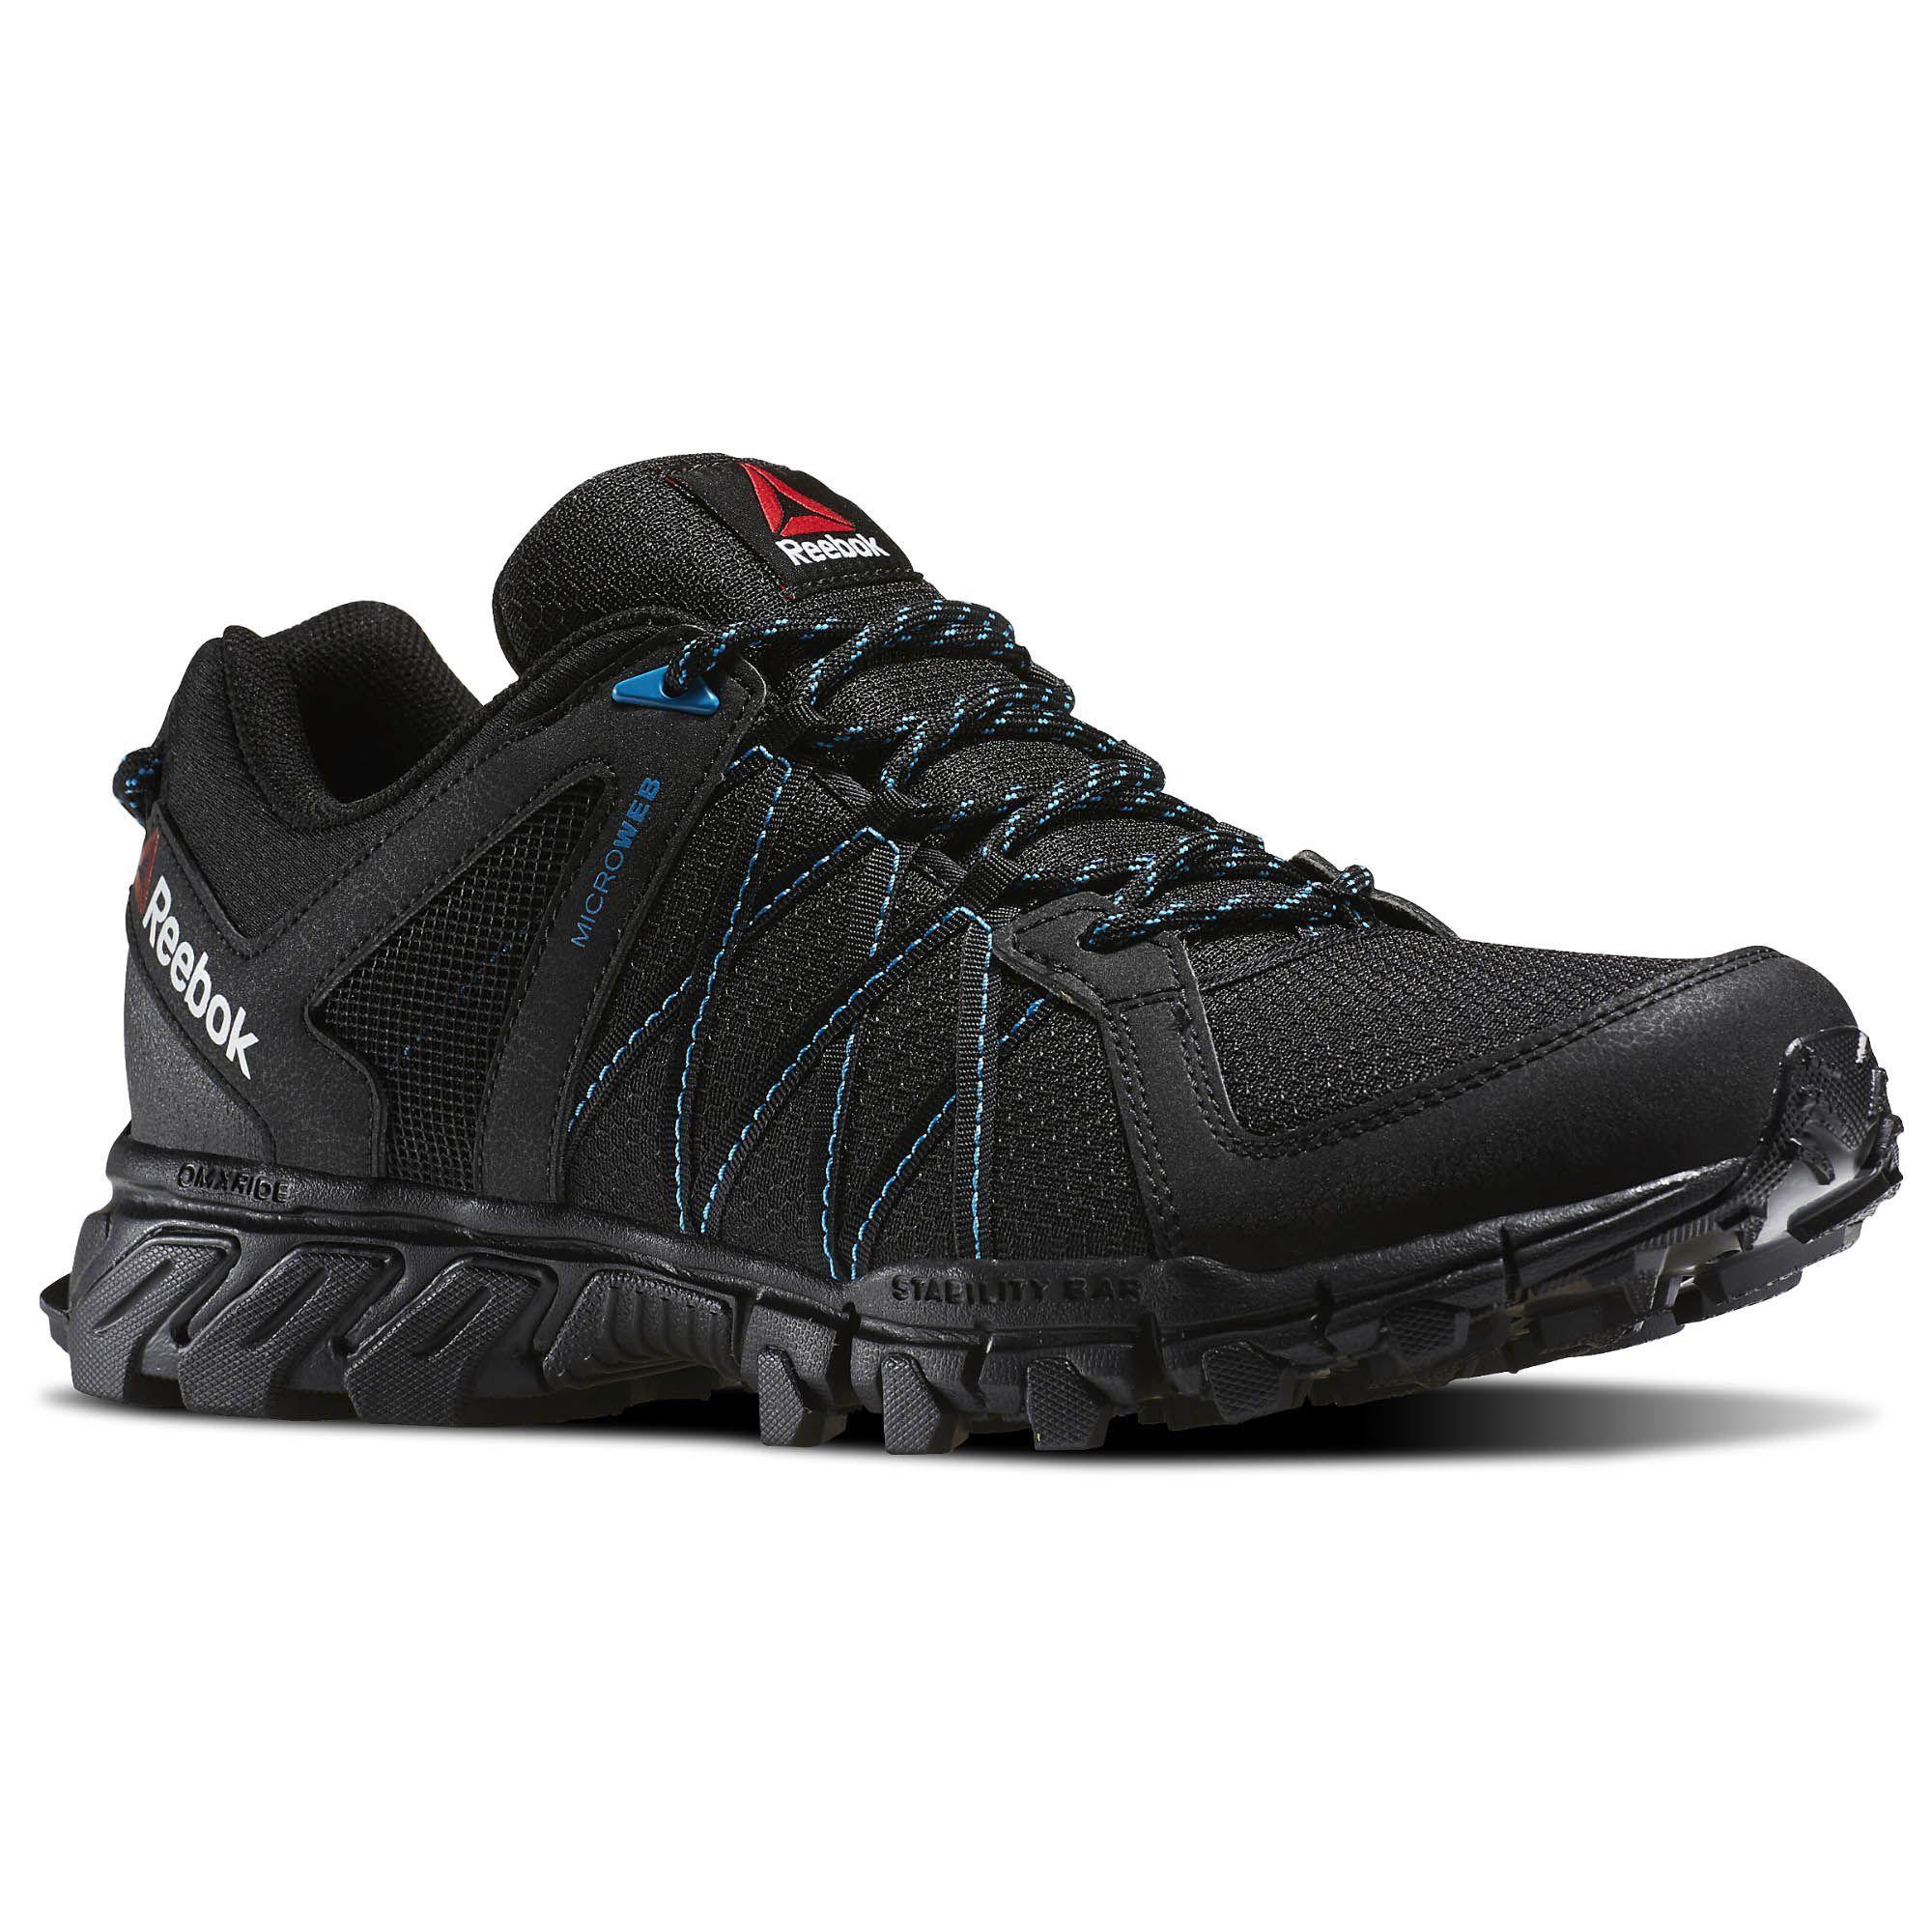 Reebok AR0097 TRAILGRIP RS 5.0 Siyah Erkek Yürüyüş Koşu Ayakkabısı